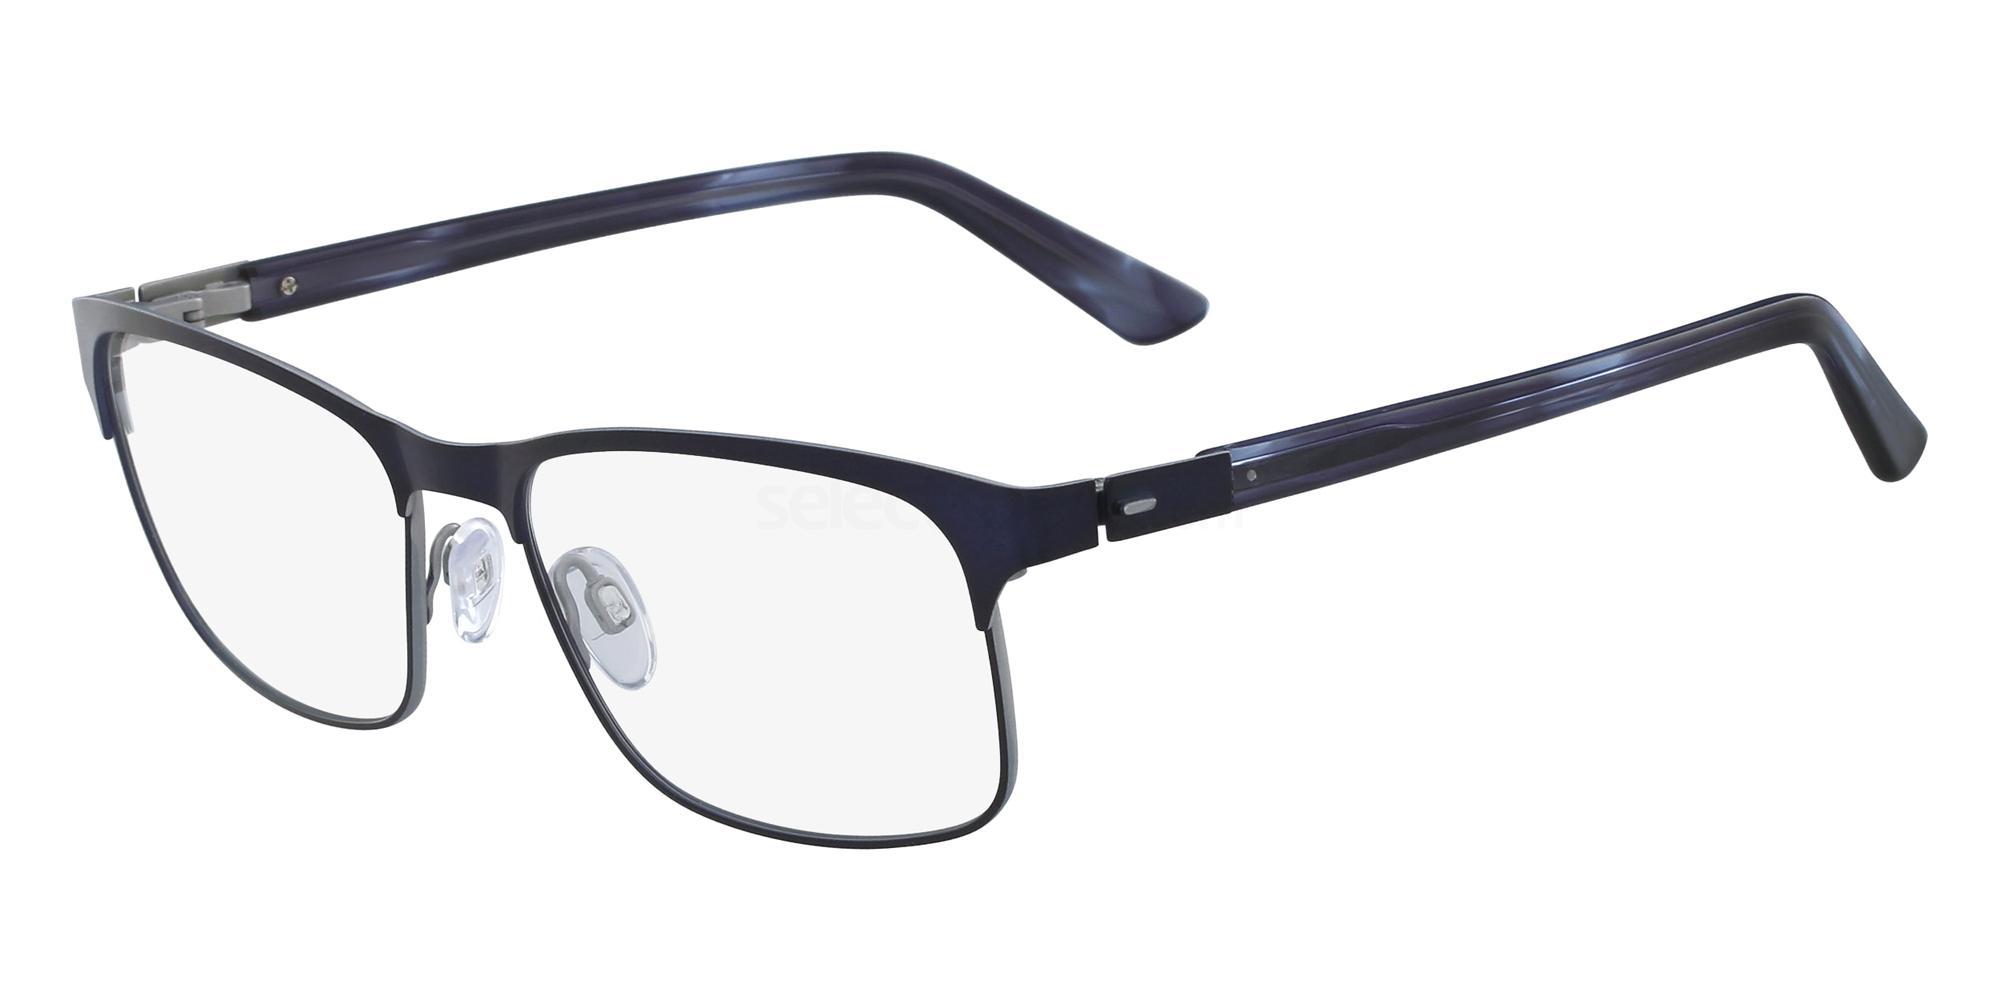 424 SKAGA 2725 RAPS Glasses, Skaga